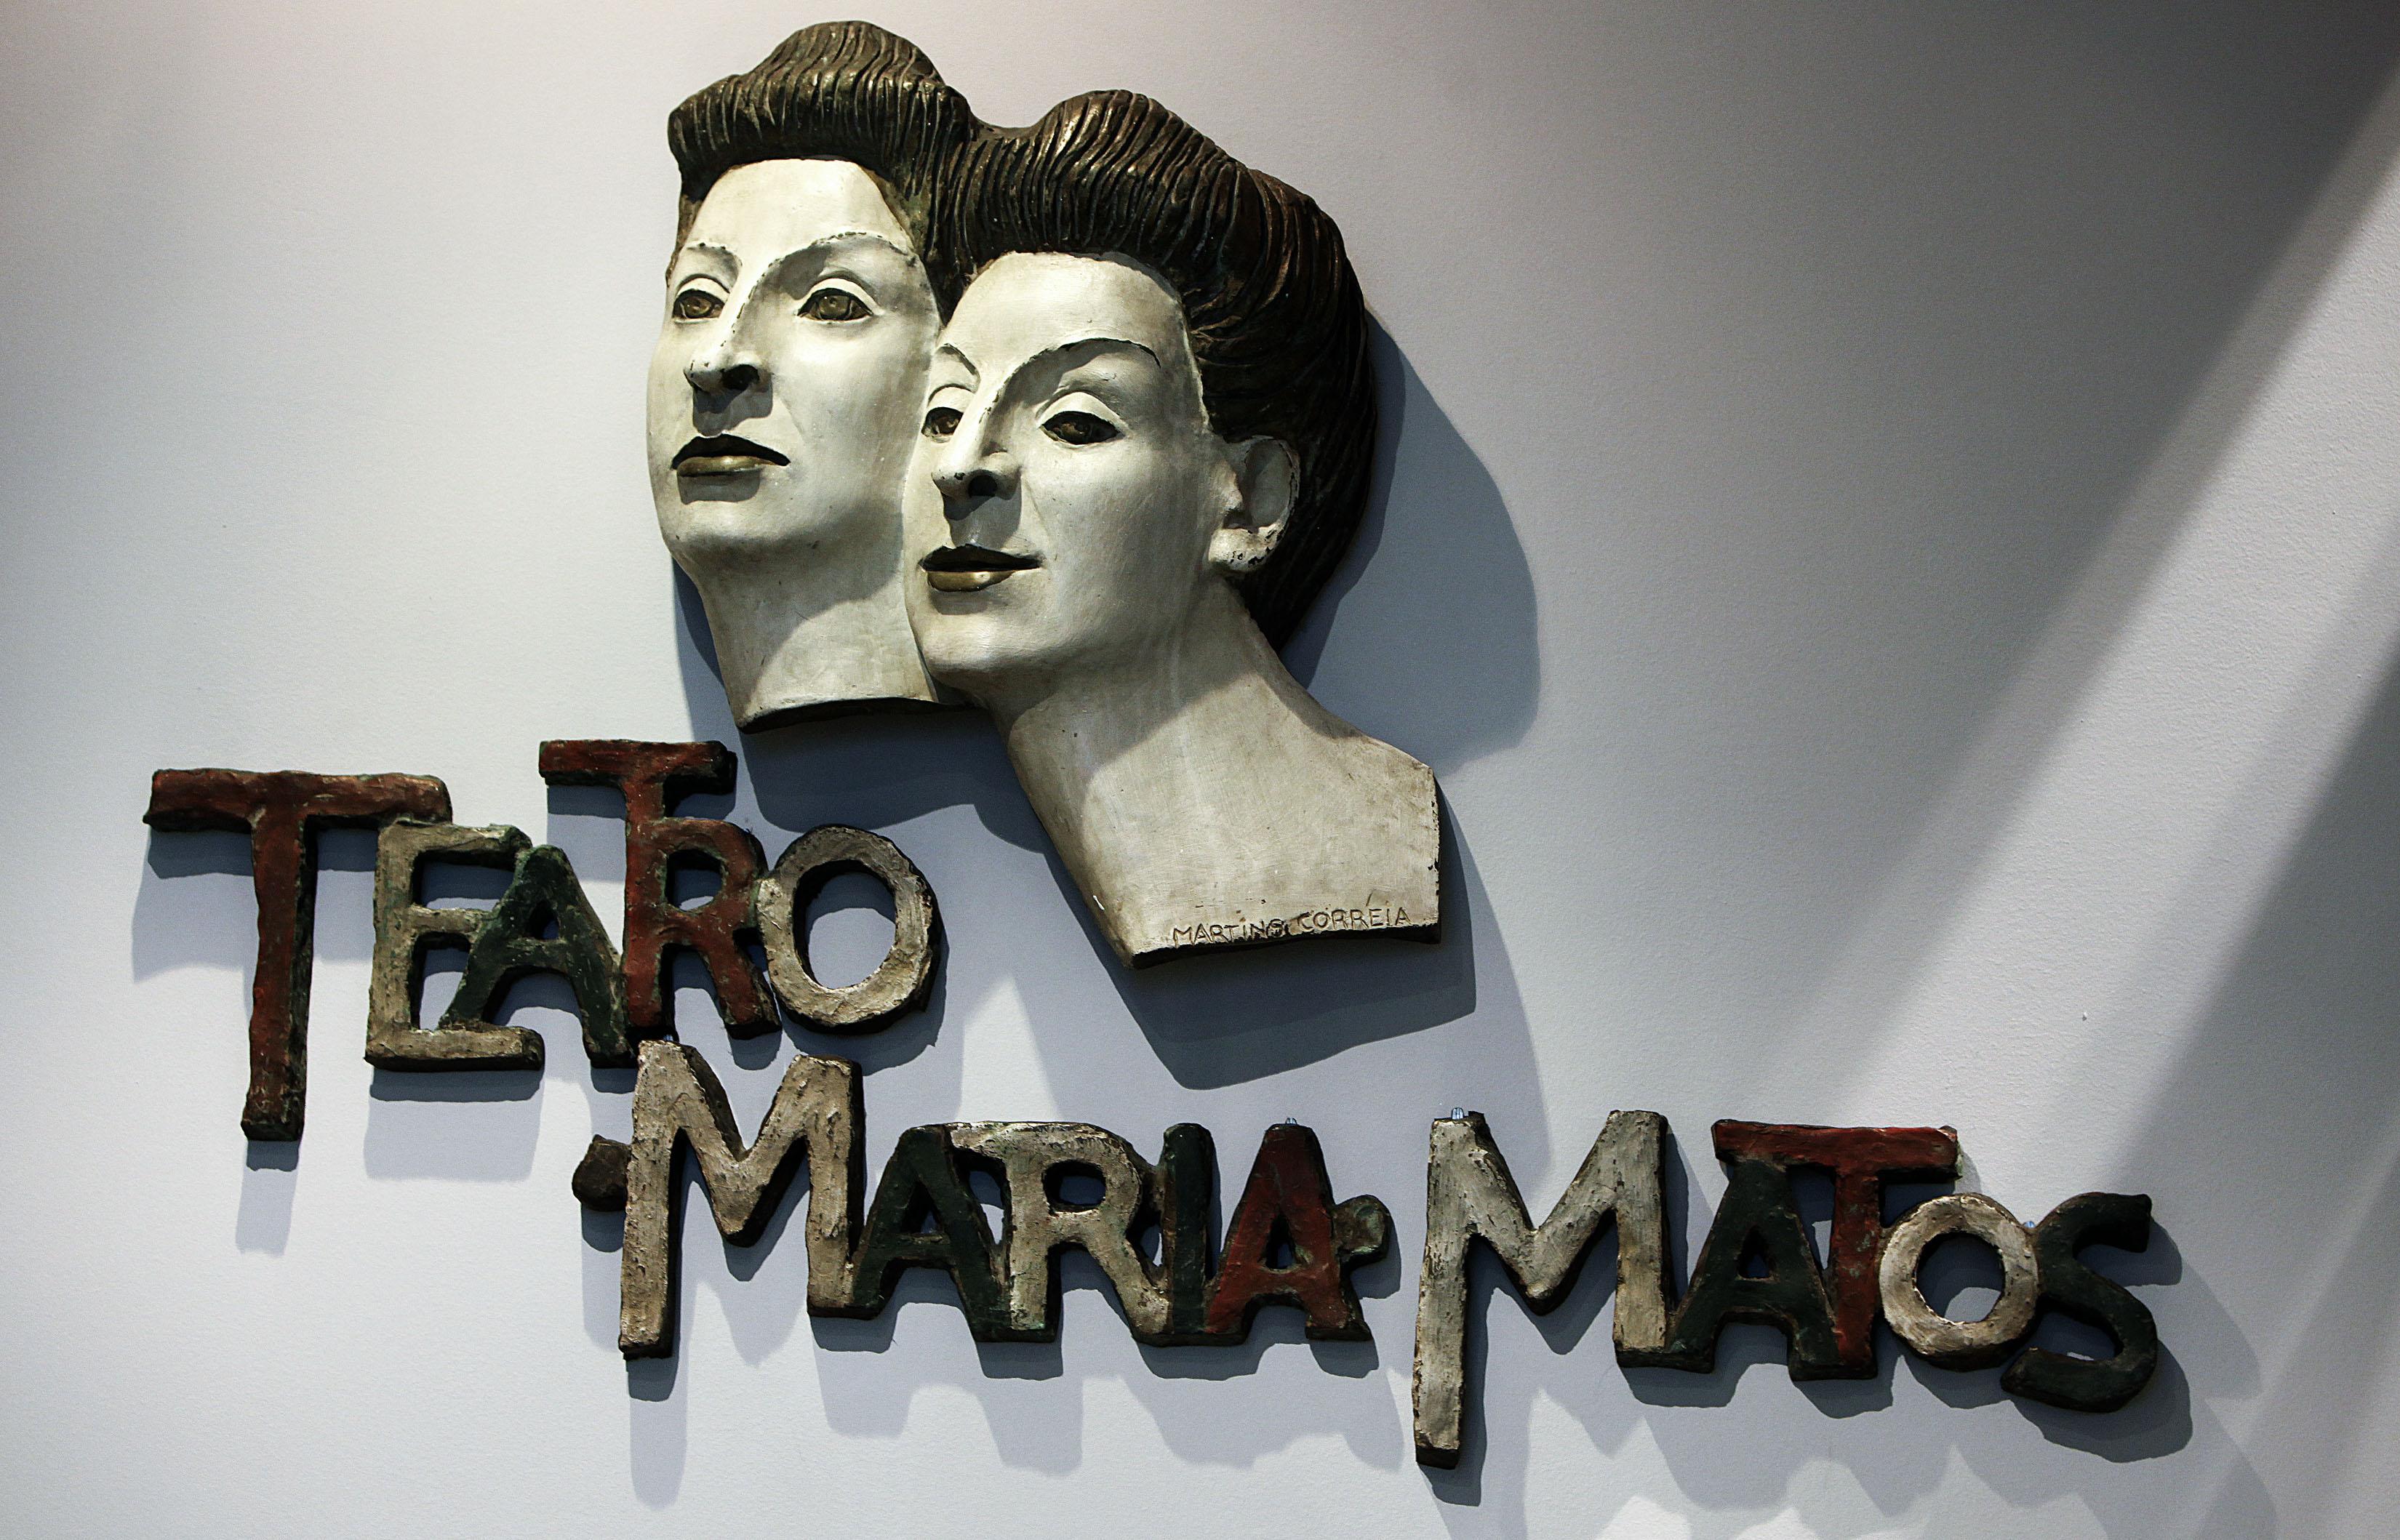 Teatro Maria Matos em Lisboa cumpre hoje 50 anos mas está de portas fechadas